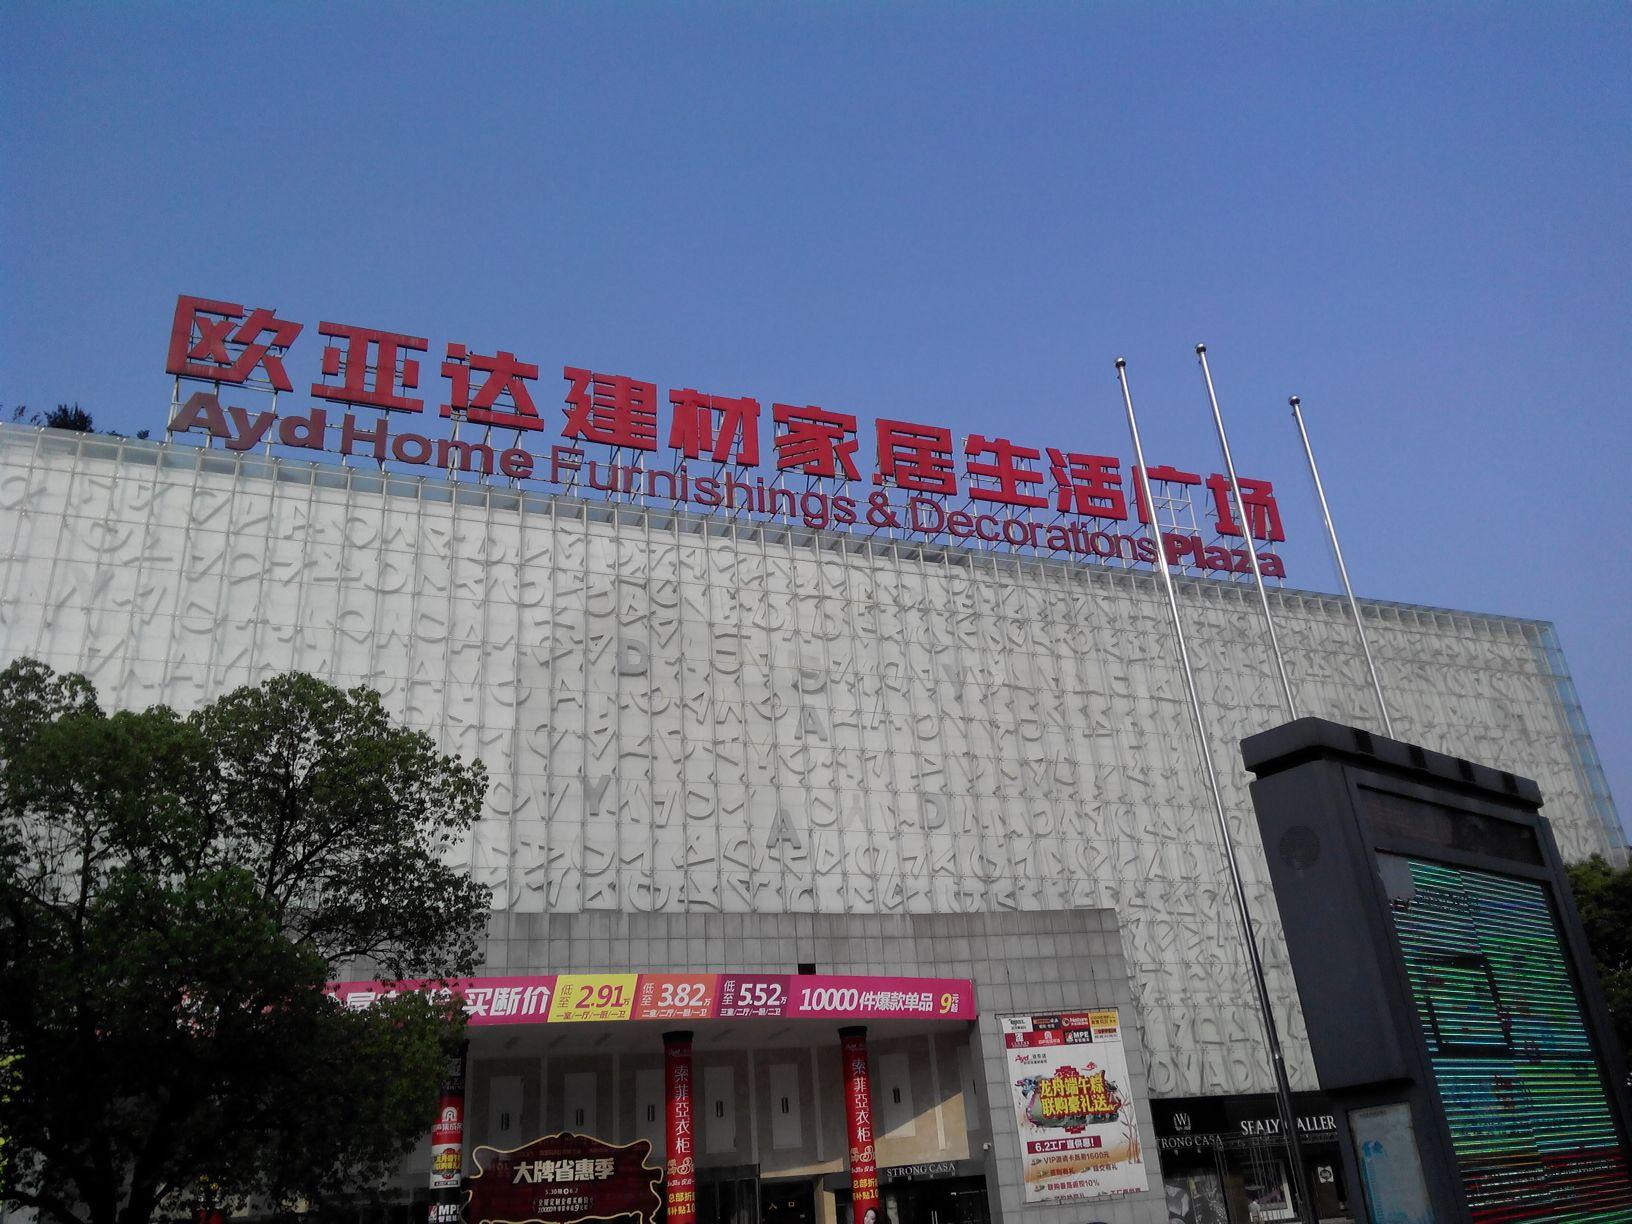 店附近的酒店 查看武汉徐东欧亚达七彩人生家具专卖店附近的公交站 武图片